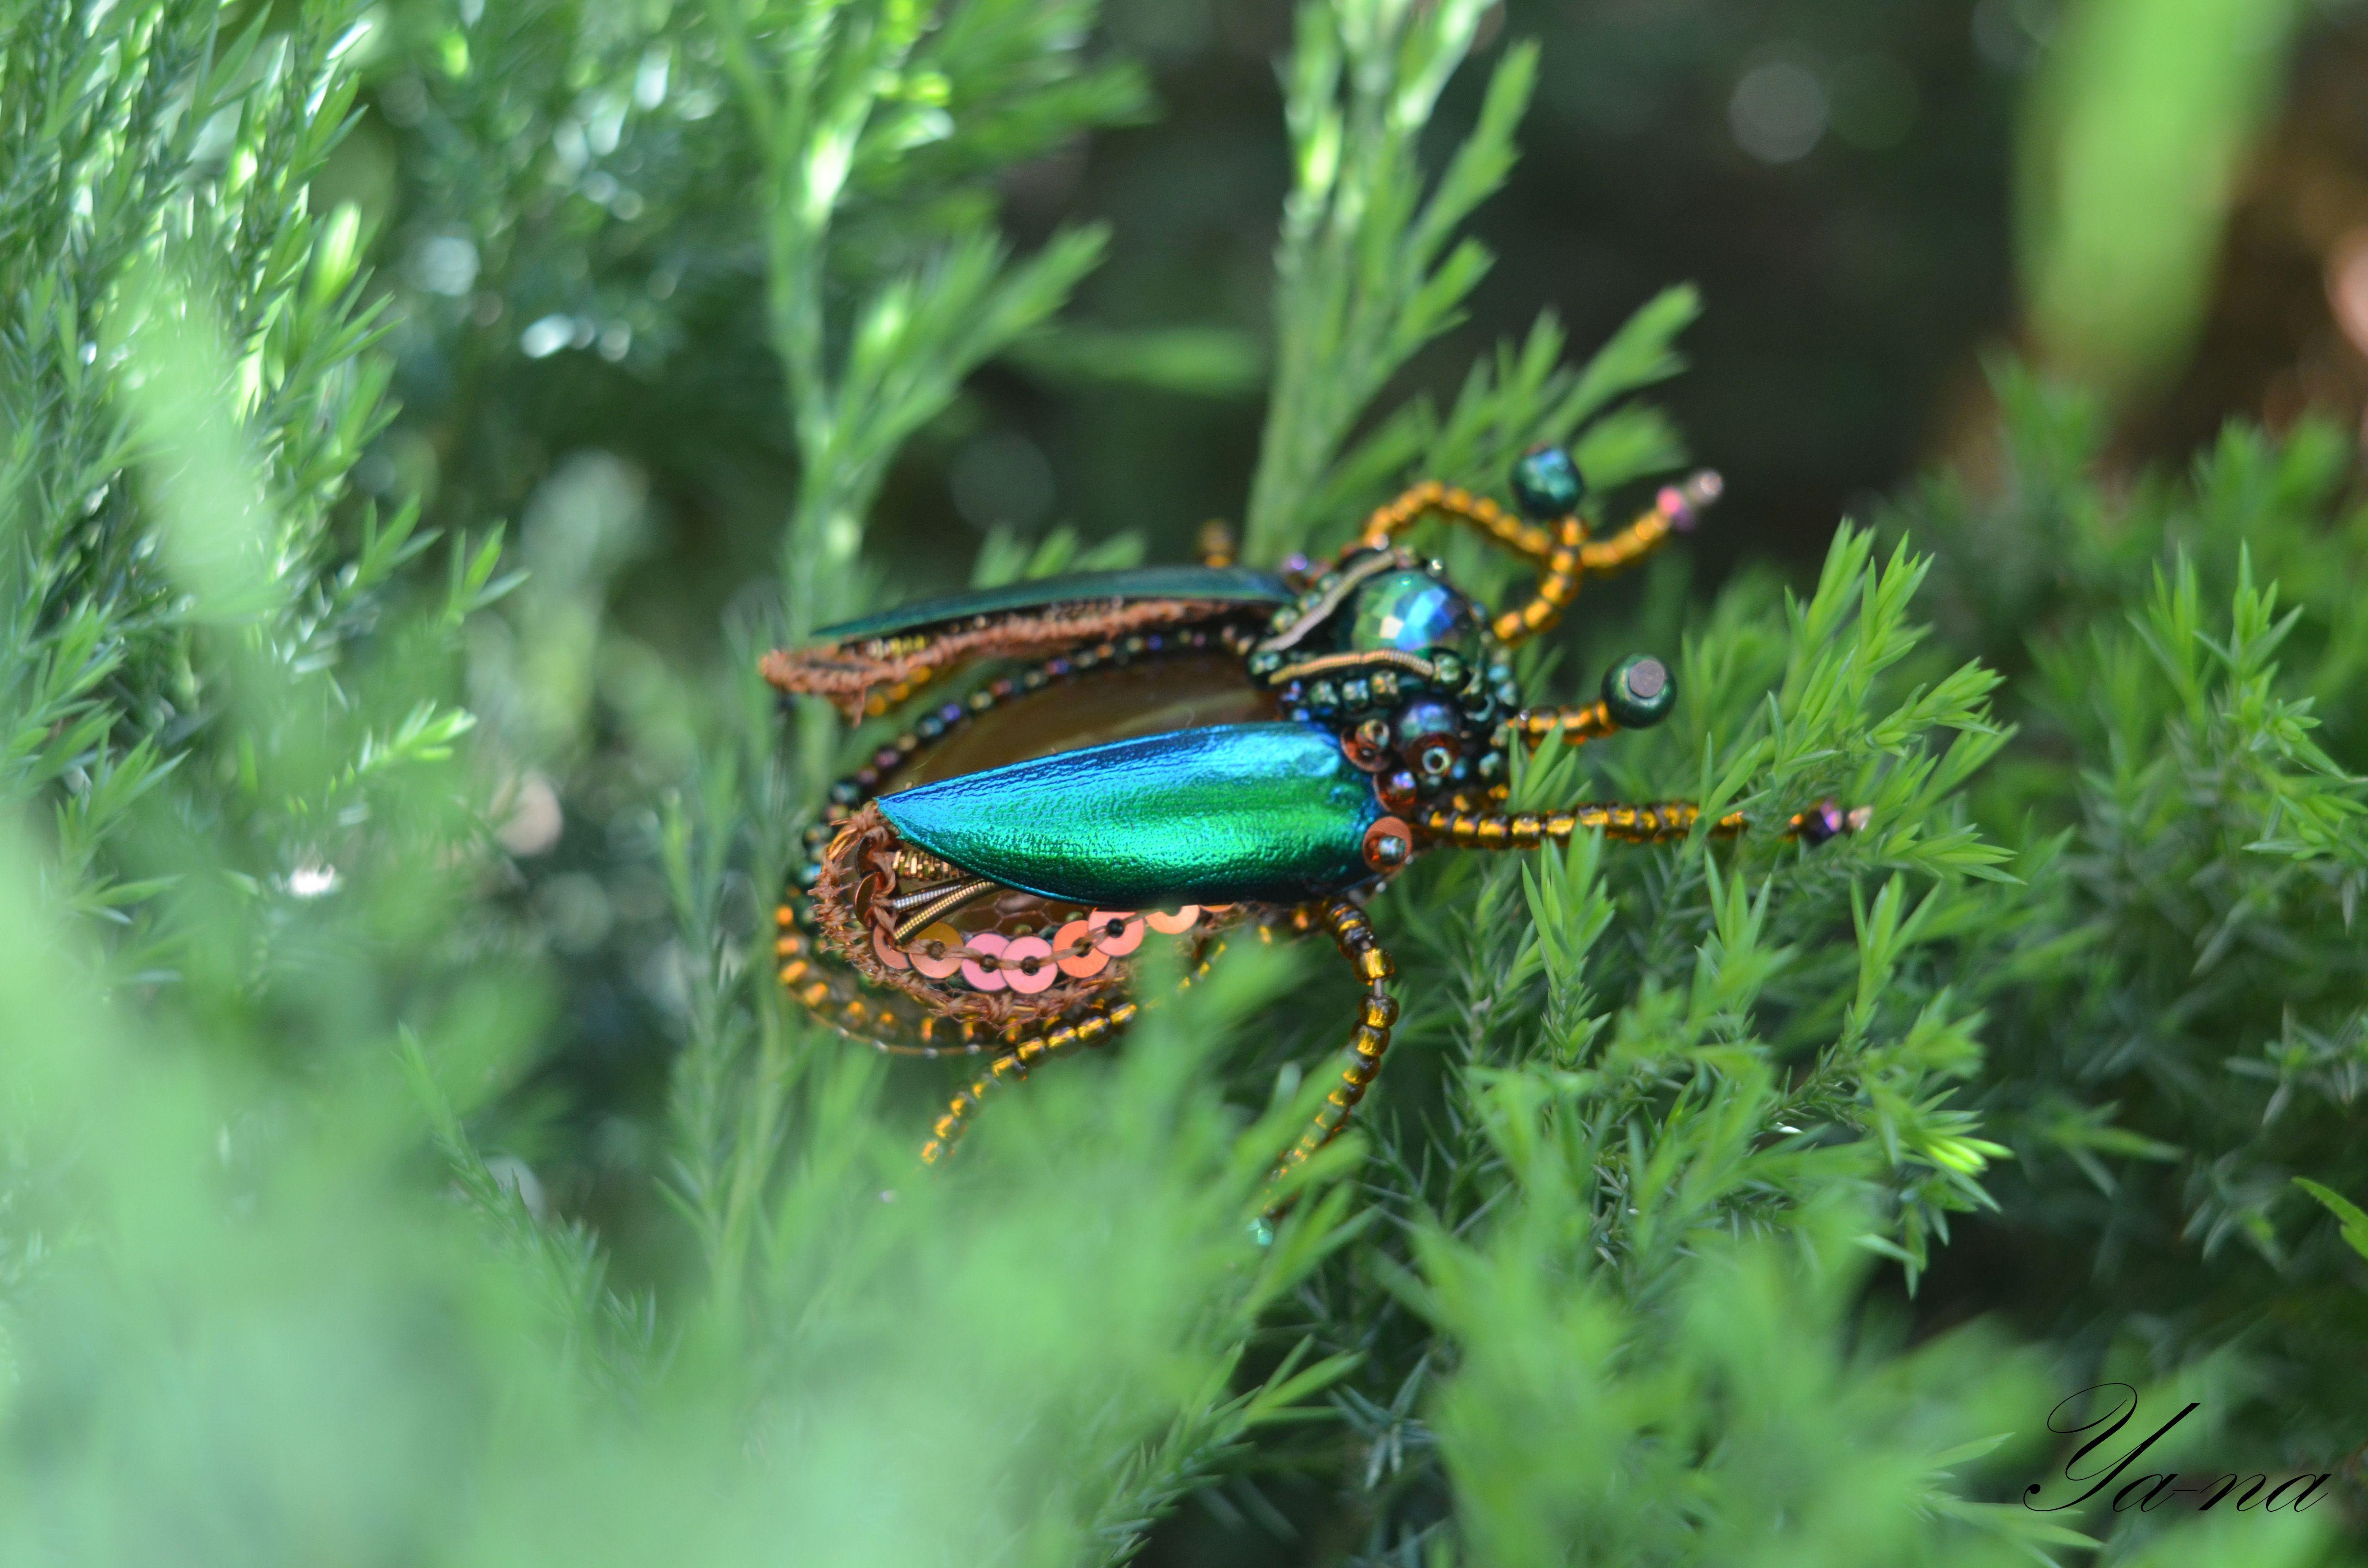 жукзлатка жукзеленый купитьжука бисерныйжук жукизбисера жуккоричневый брошьжук купитьброшь насекомое брошьизбисера длялюбимой брошьвподарок